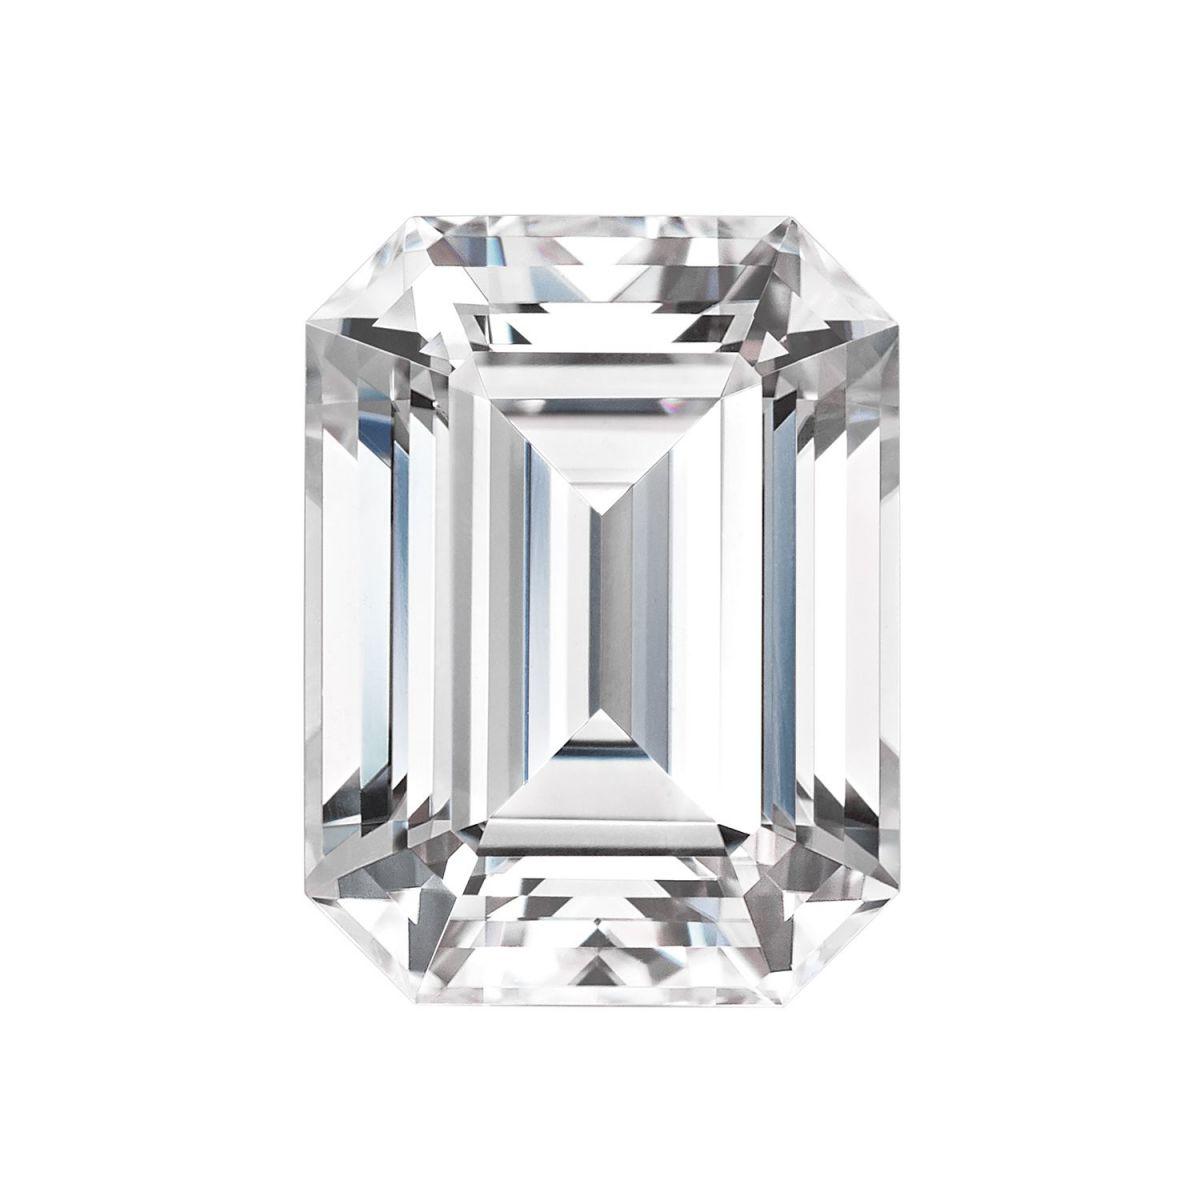 https://www.loveandpromisejewelers.com/media/catalog/product/cache/1b8ff75e92e9e3eb7d814fc024f6d8df/e/m/emerald_moissanite_image.jpg